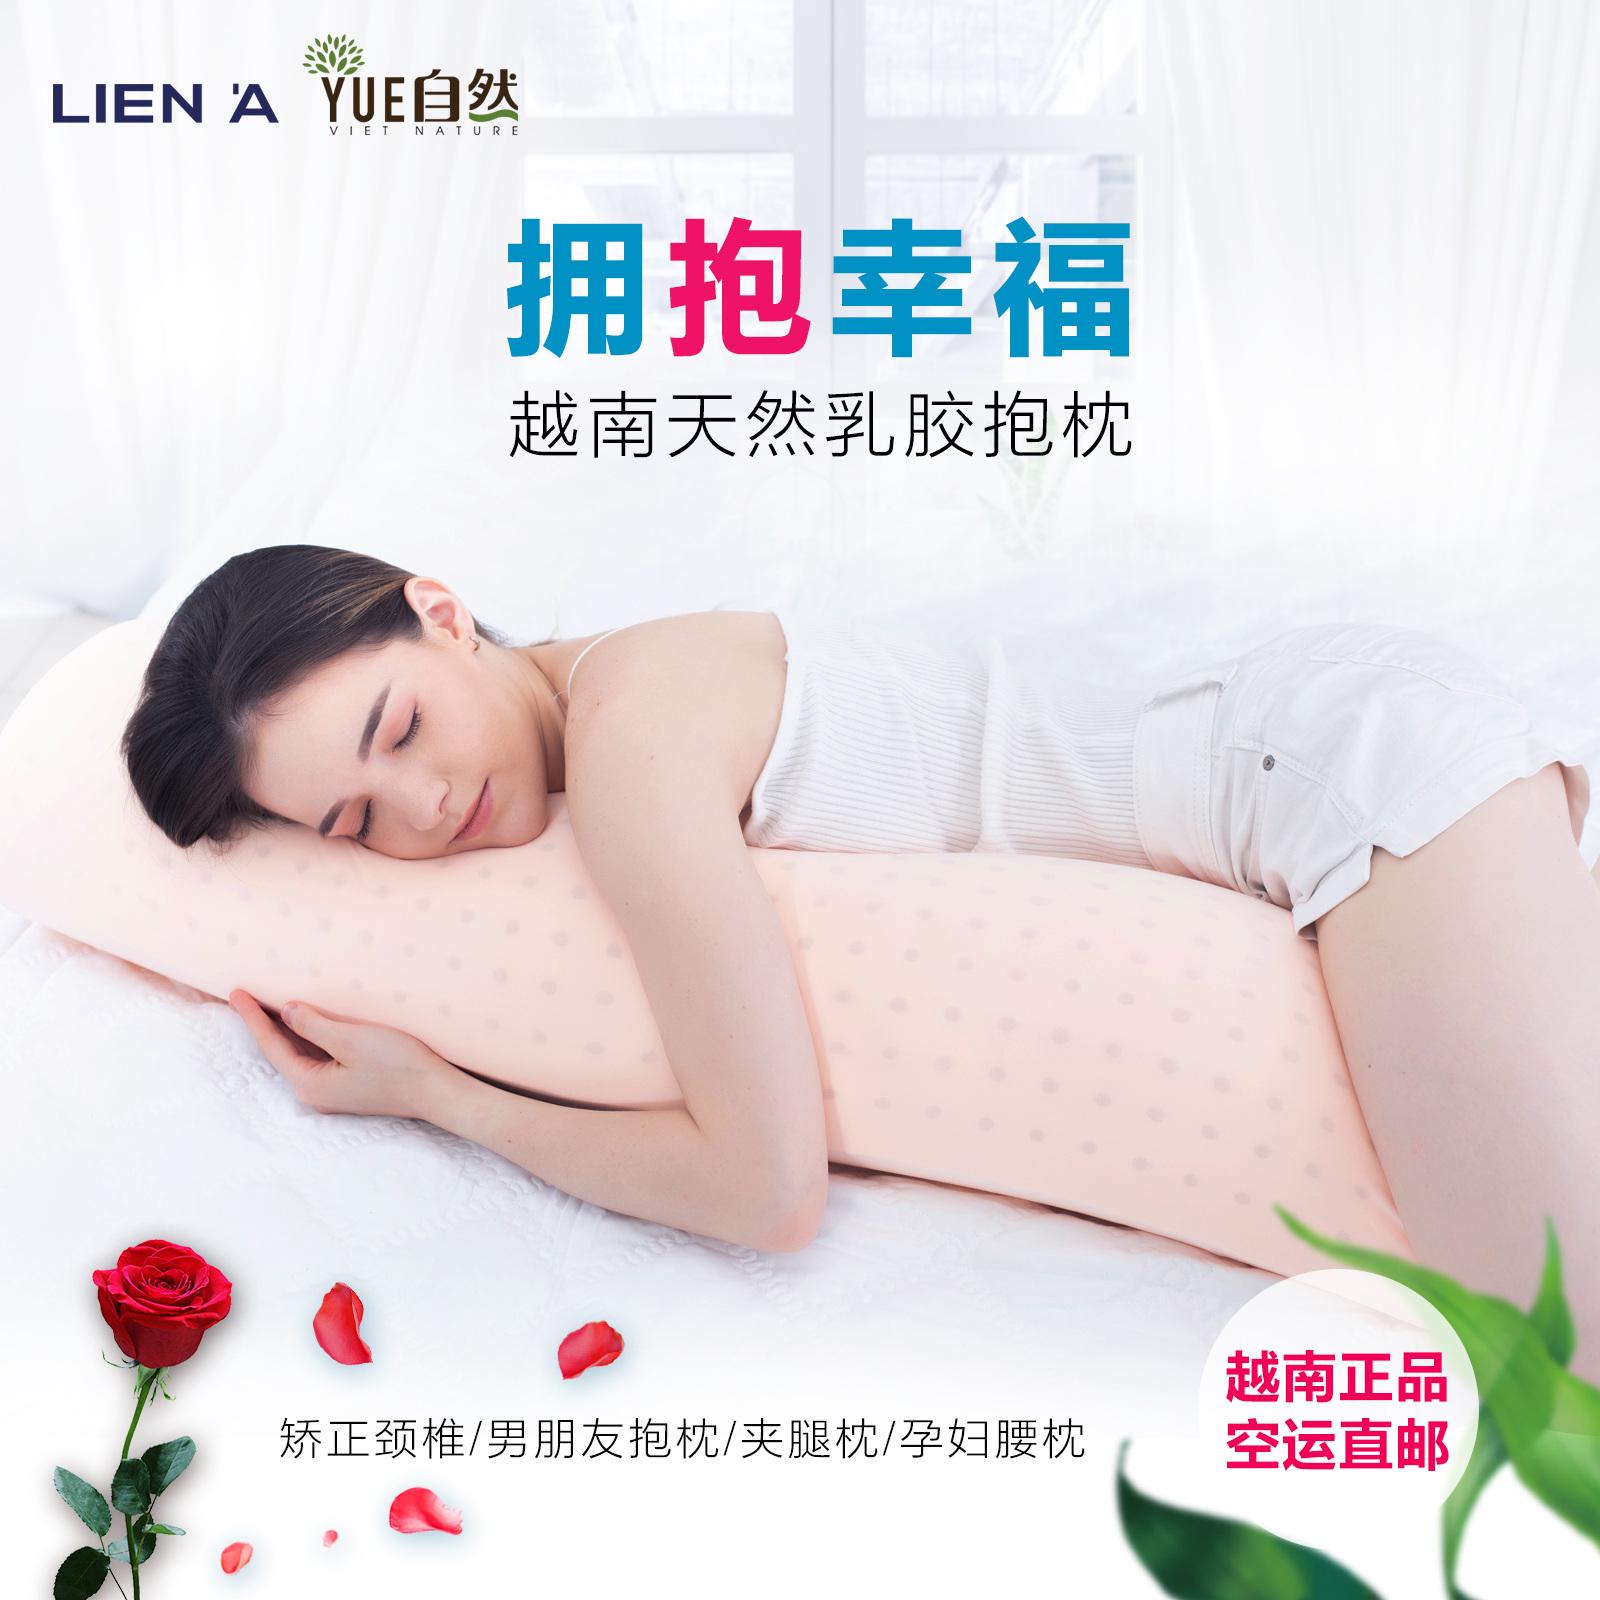 LIENA越南莲亚天然乳胶枕芯代购夏季糖果型抱枕夹腿枕孕妇腰枕168.00元包邮